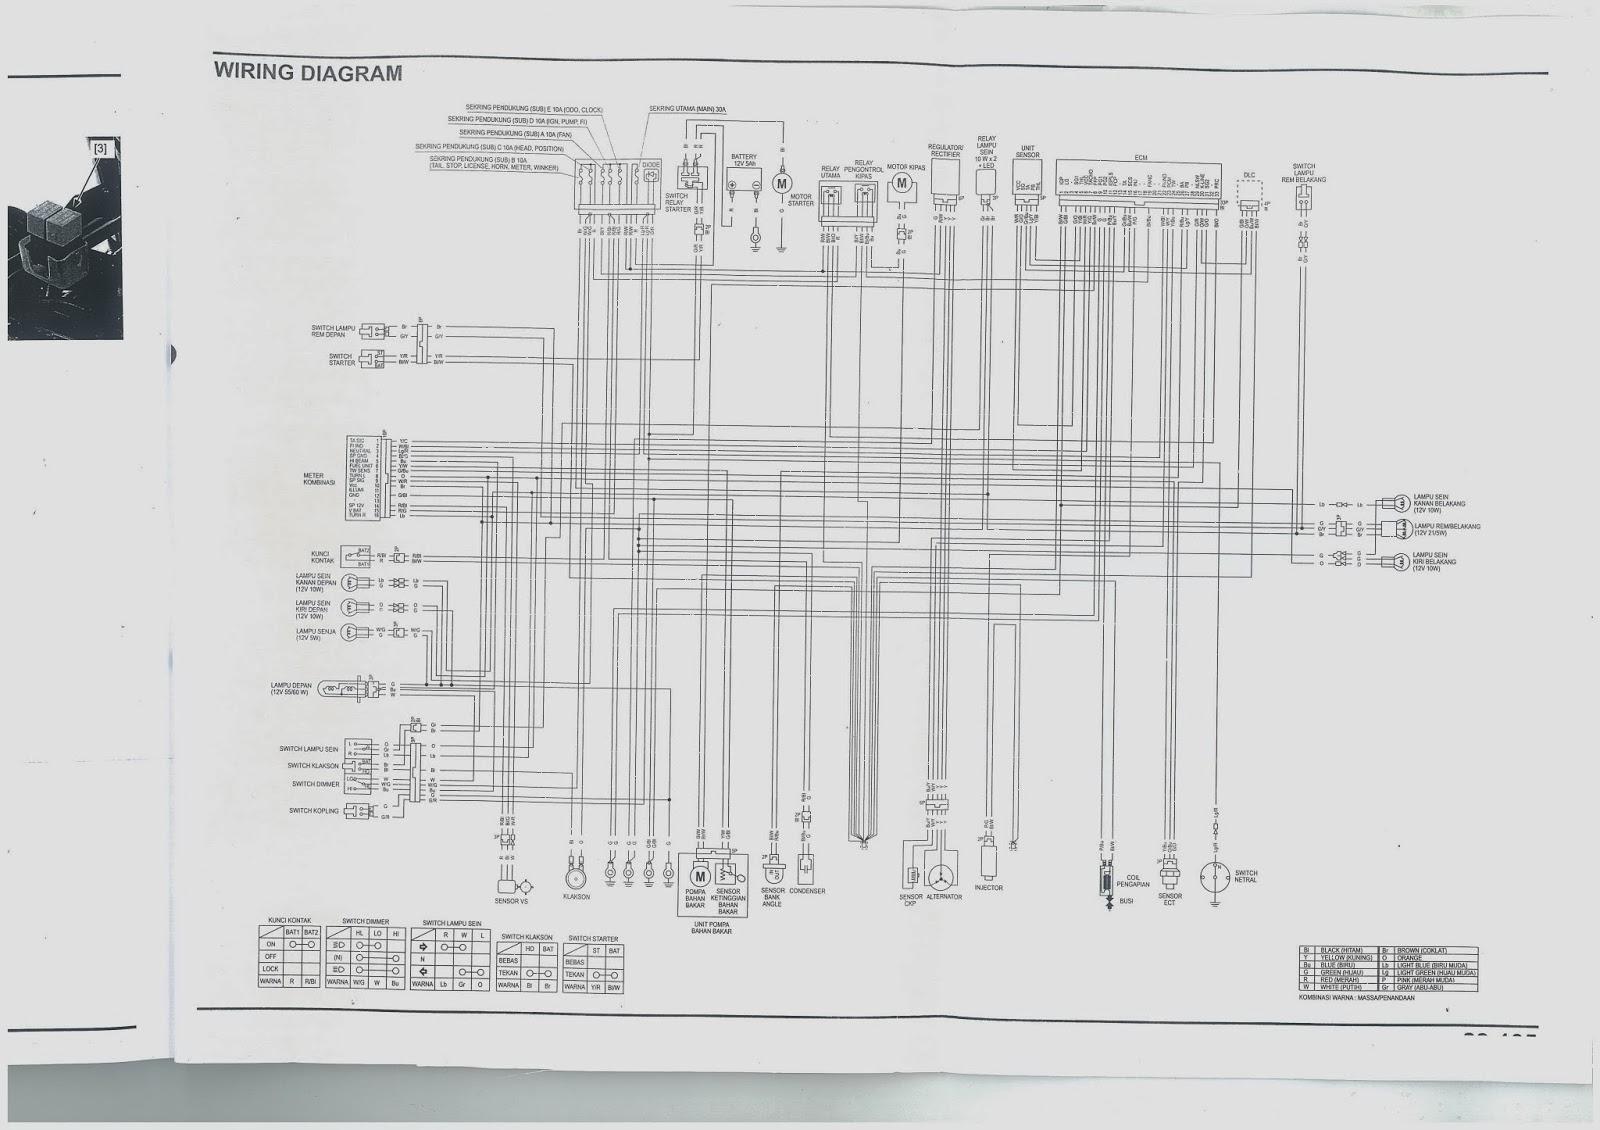 DIAGRAM] Hammerhead 150r Wiring Diagram FULL Version HD ... on